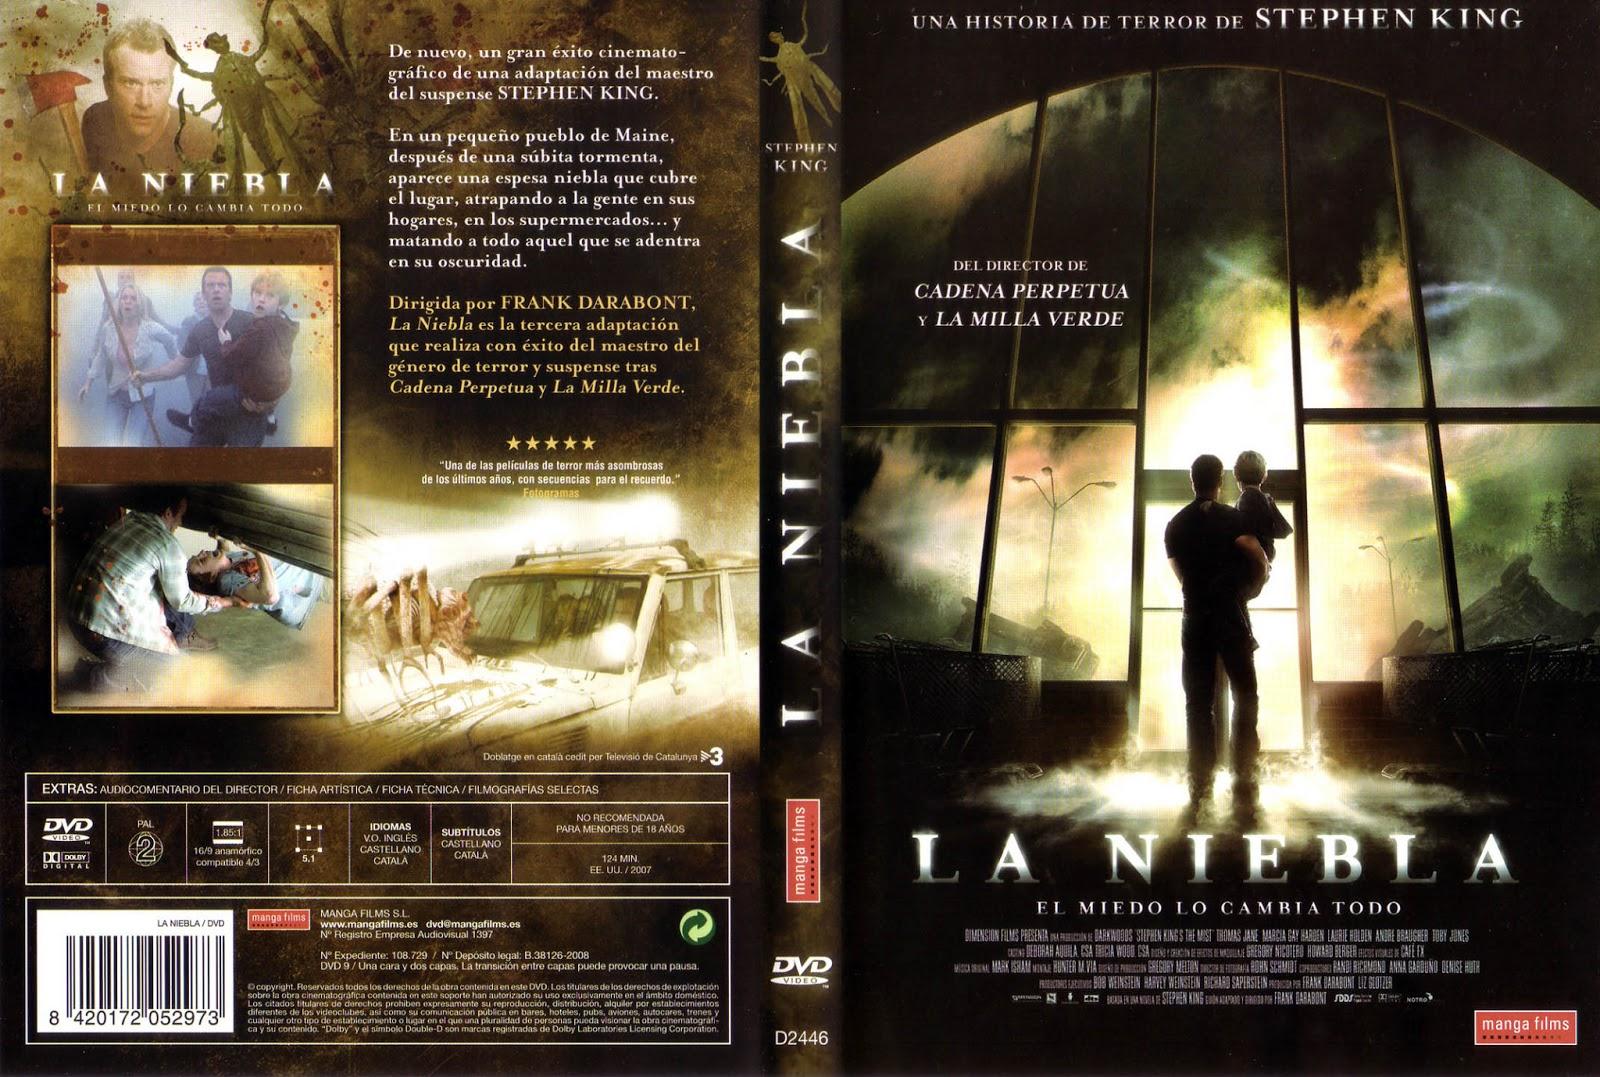 La Niebla DVD